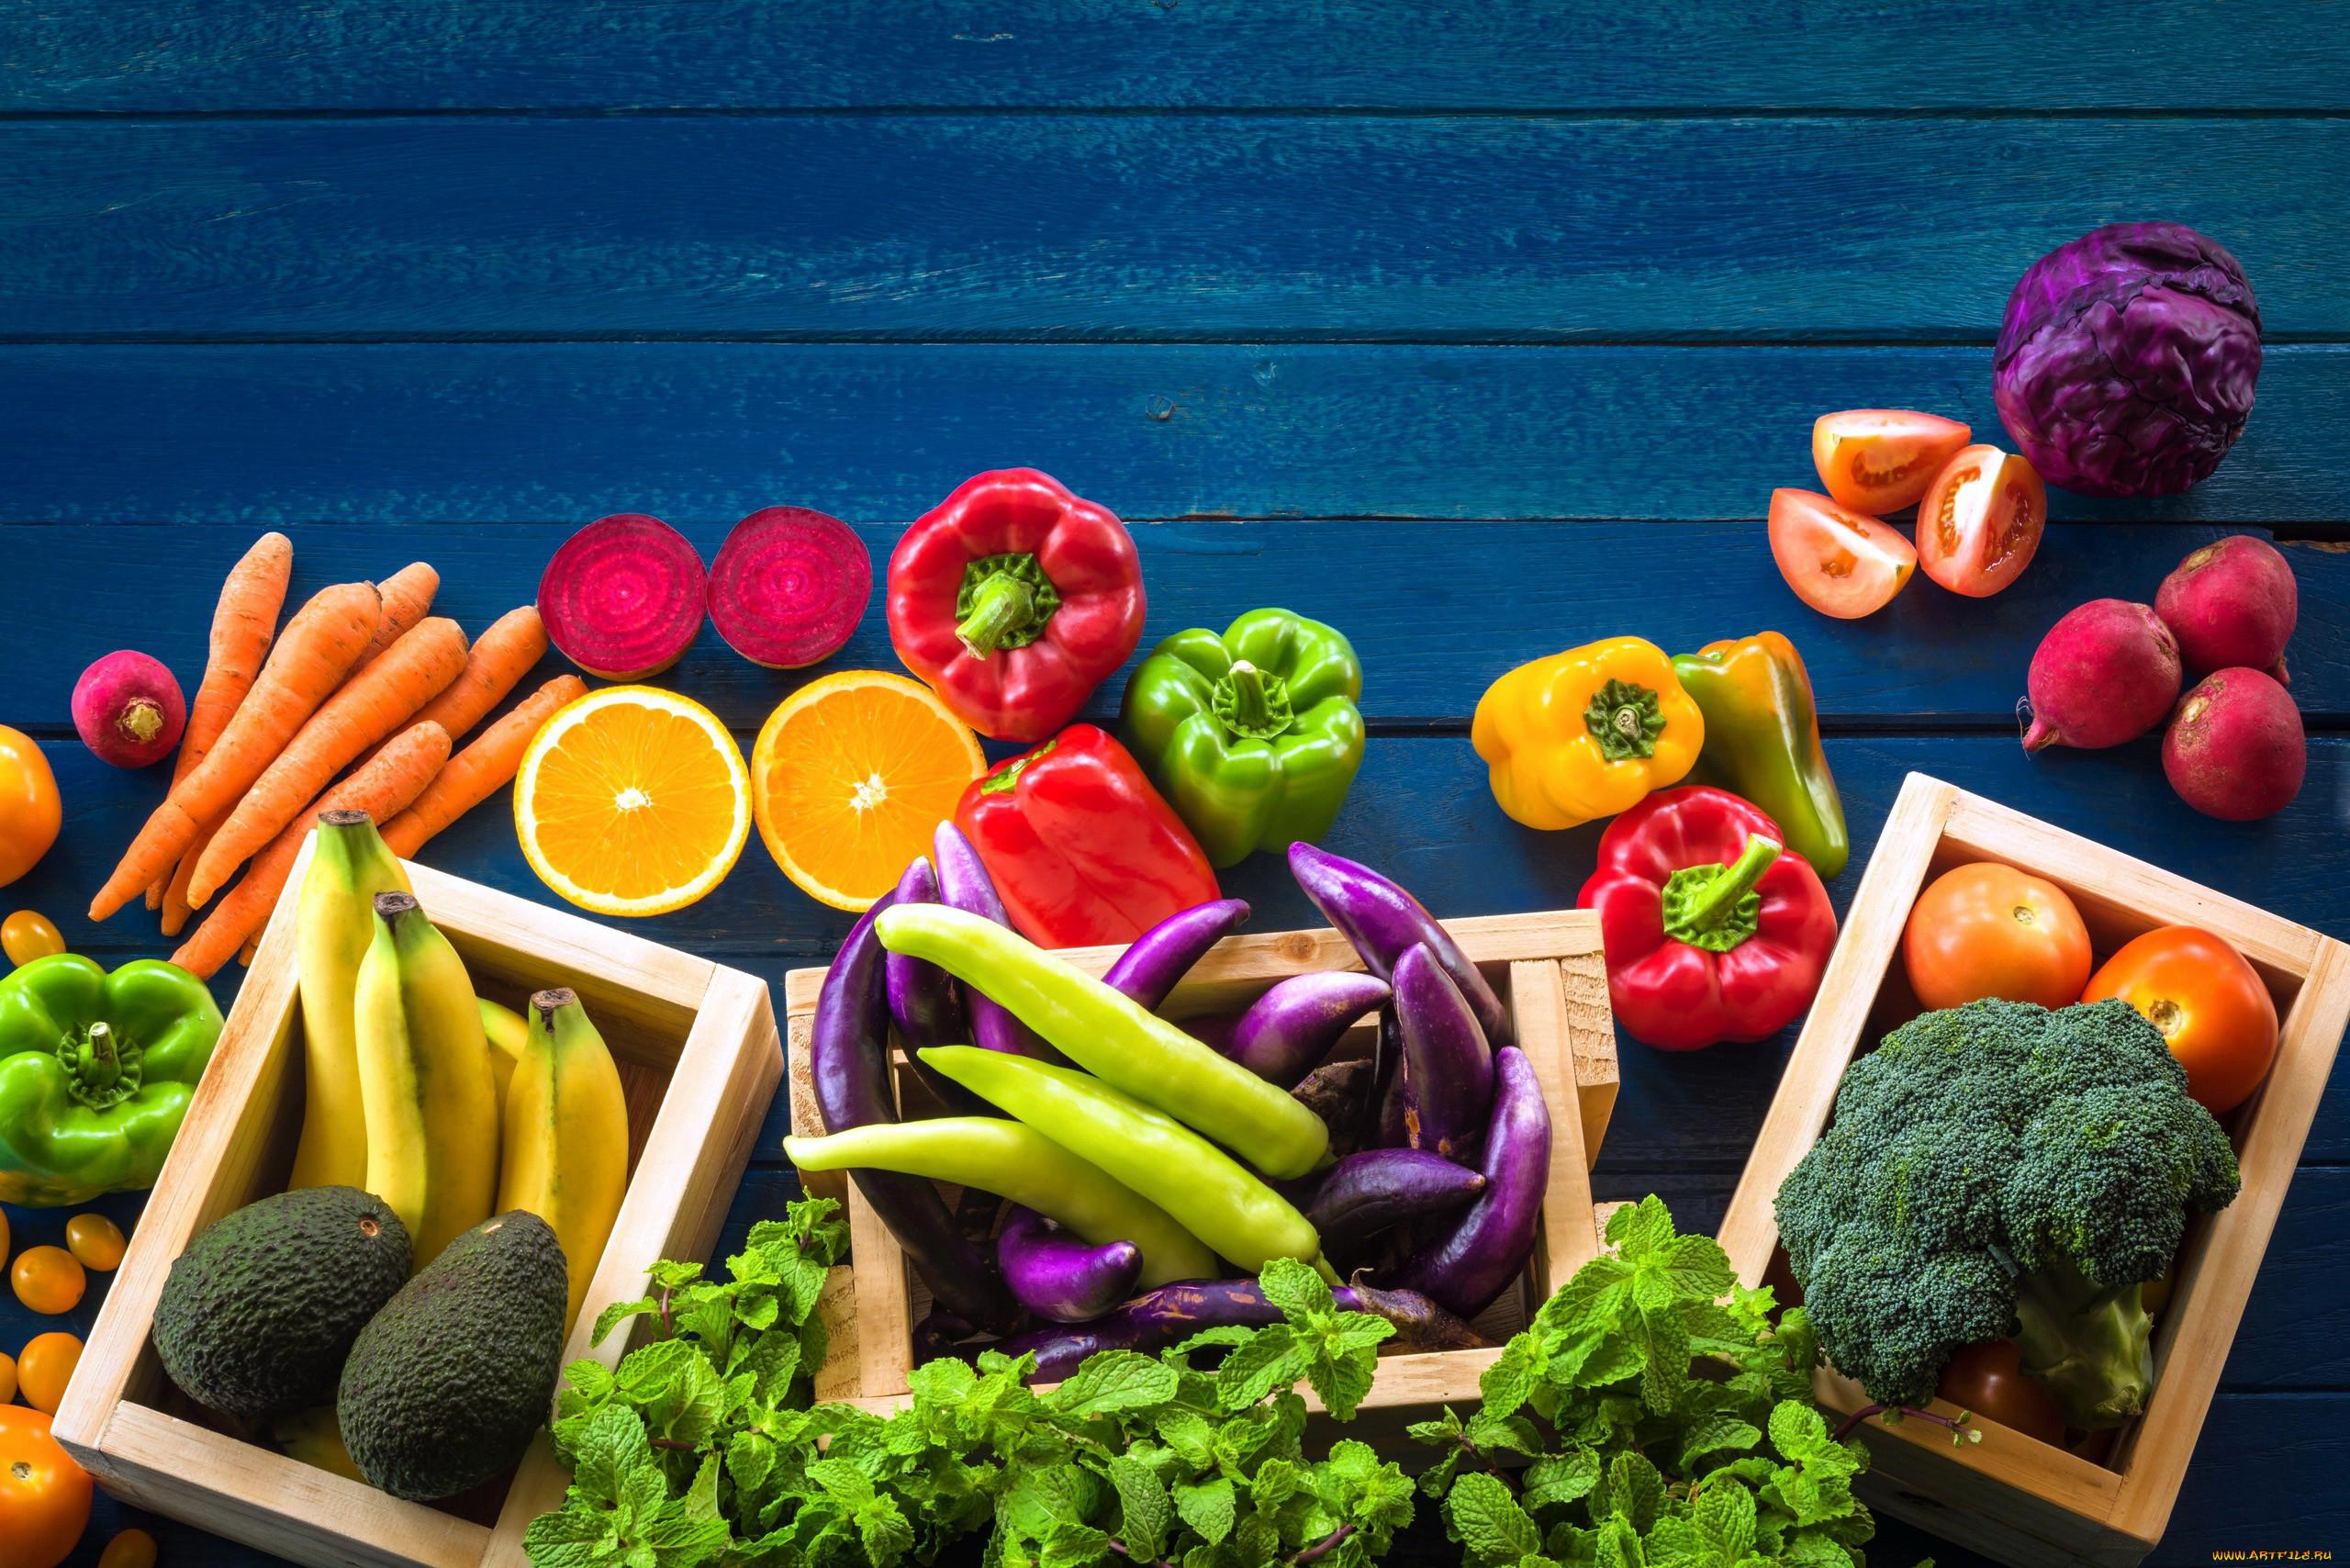 вас картинки овощей и фруктов для рекламы гости